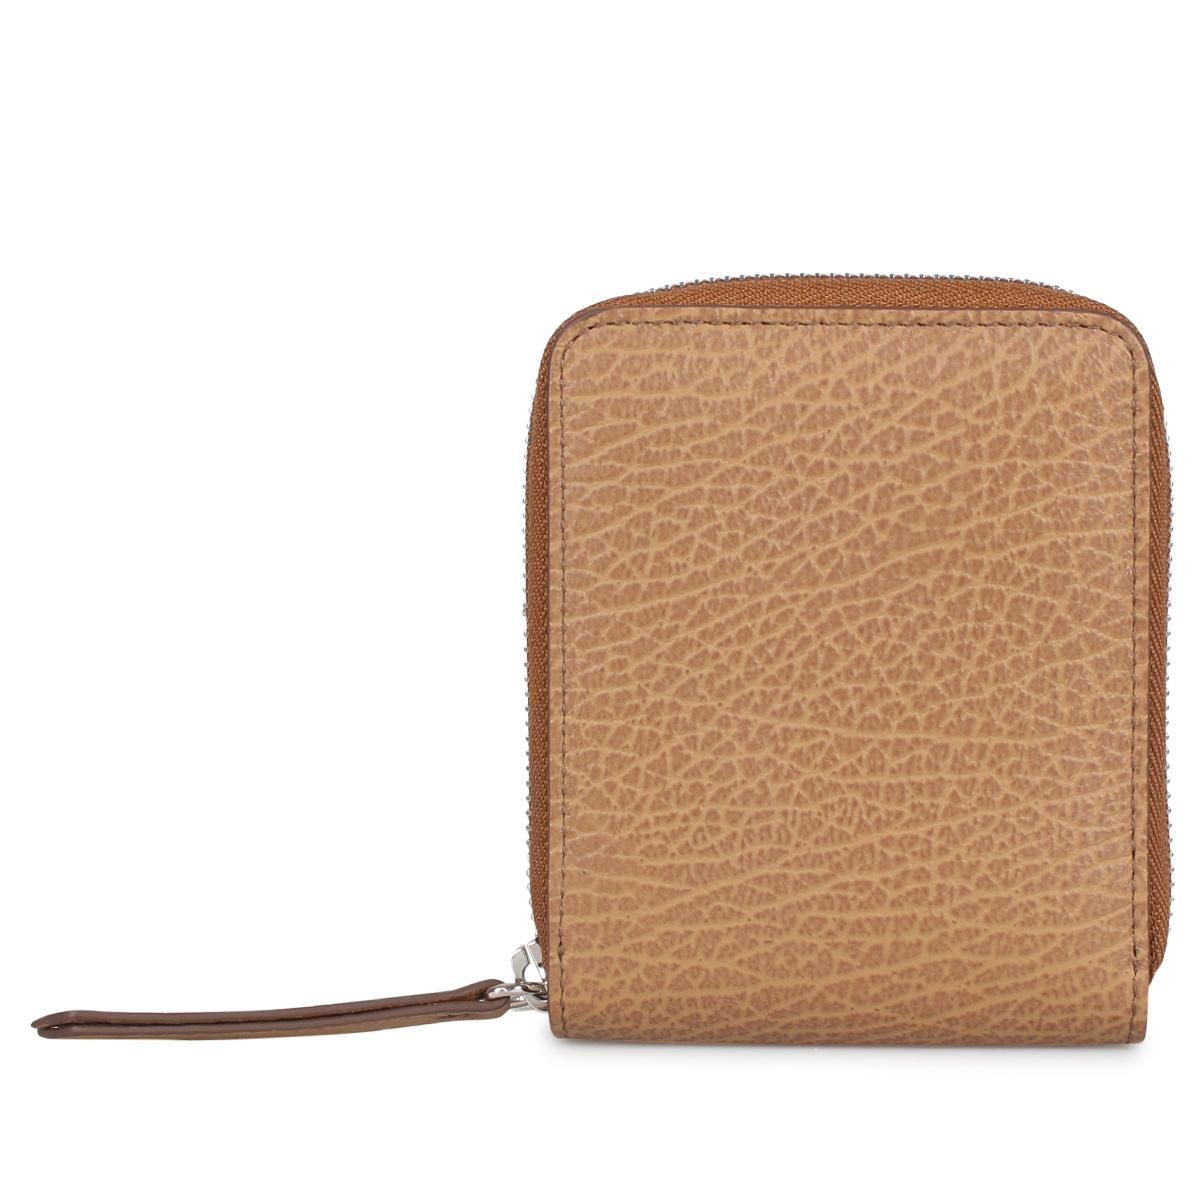 MAISON MARGIELA WALLET メゾンマルジェラ 財布 二つ折り ミニ財布 ラウンドファスナー メンズ レディース ベージュ S56UI0111